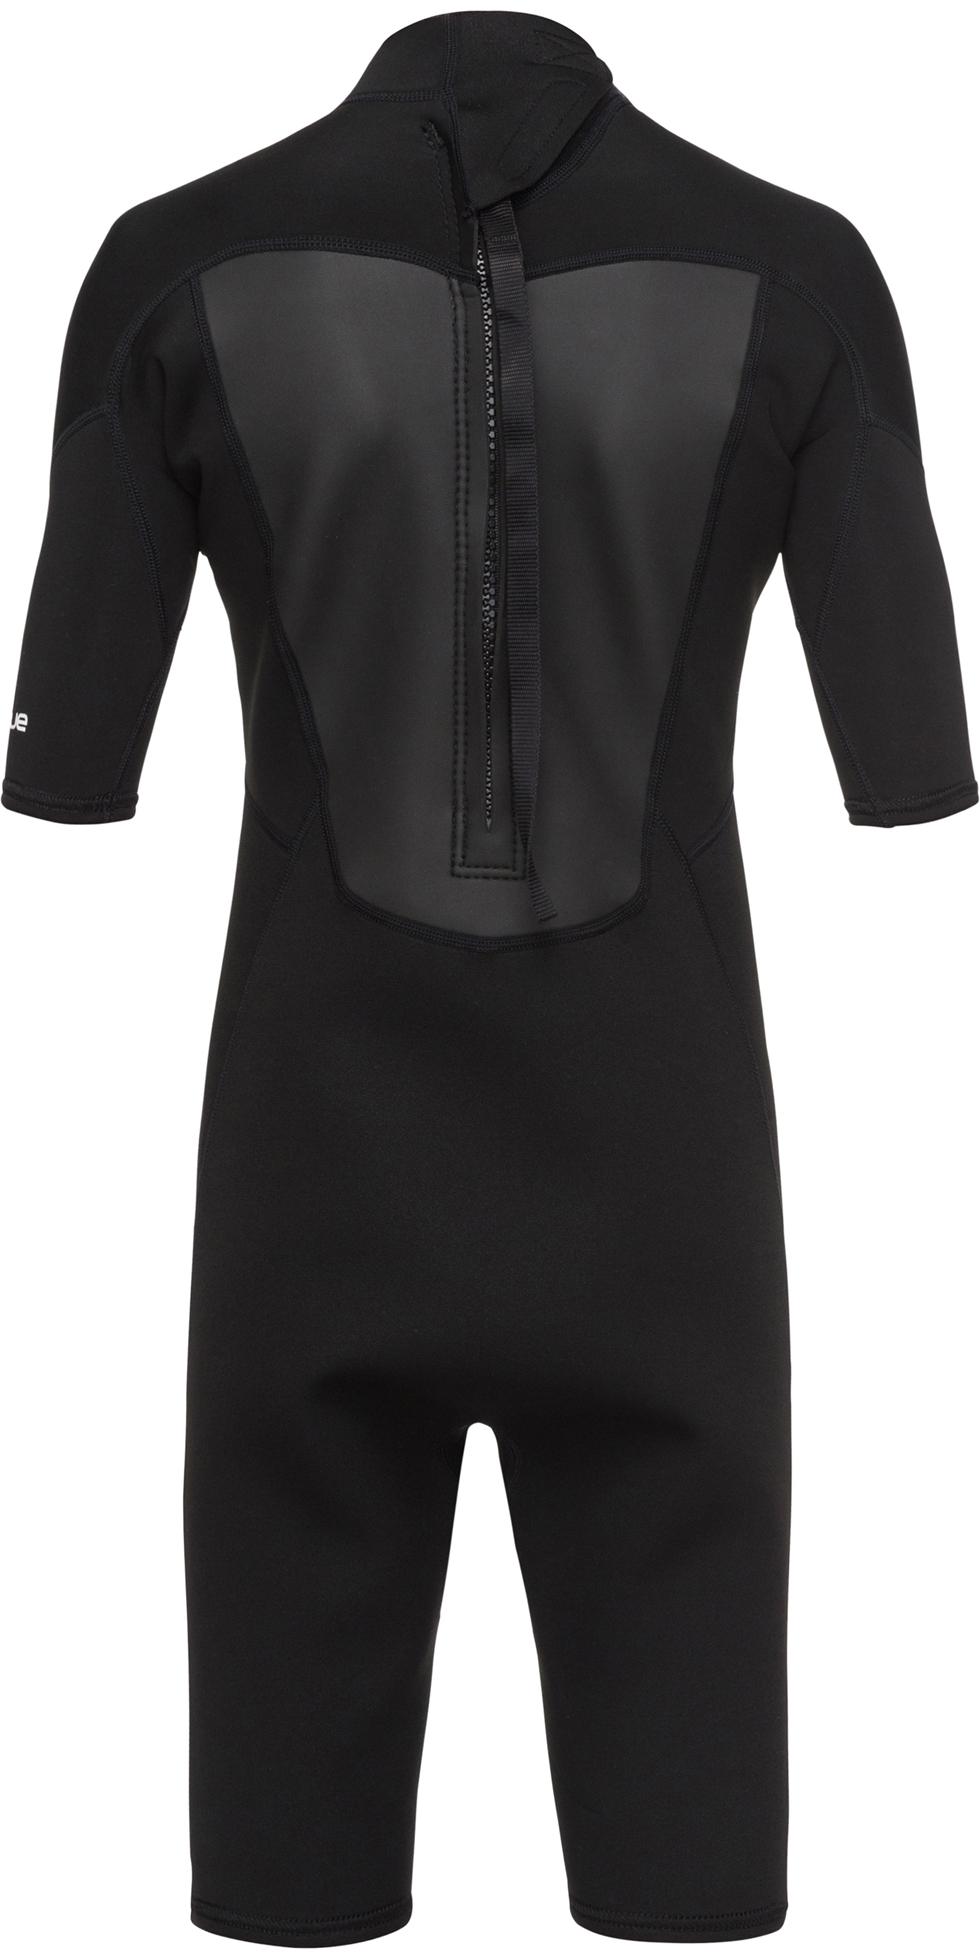 2019 Quiksilver Junior Prologue 2mm Shorty Wetsuit Black EQBW503008